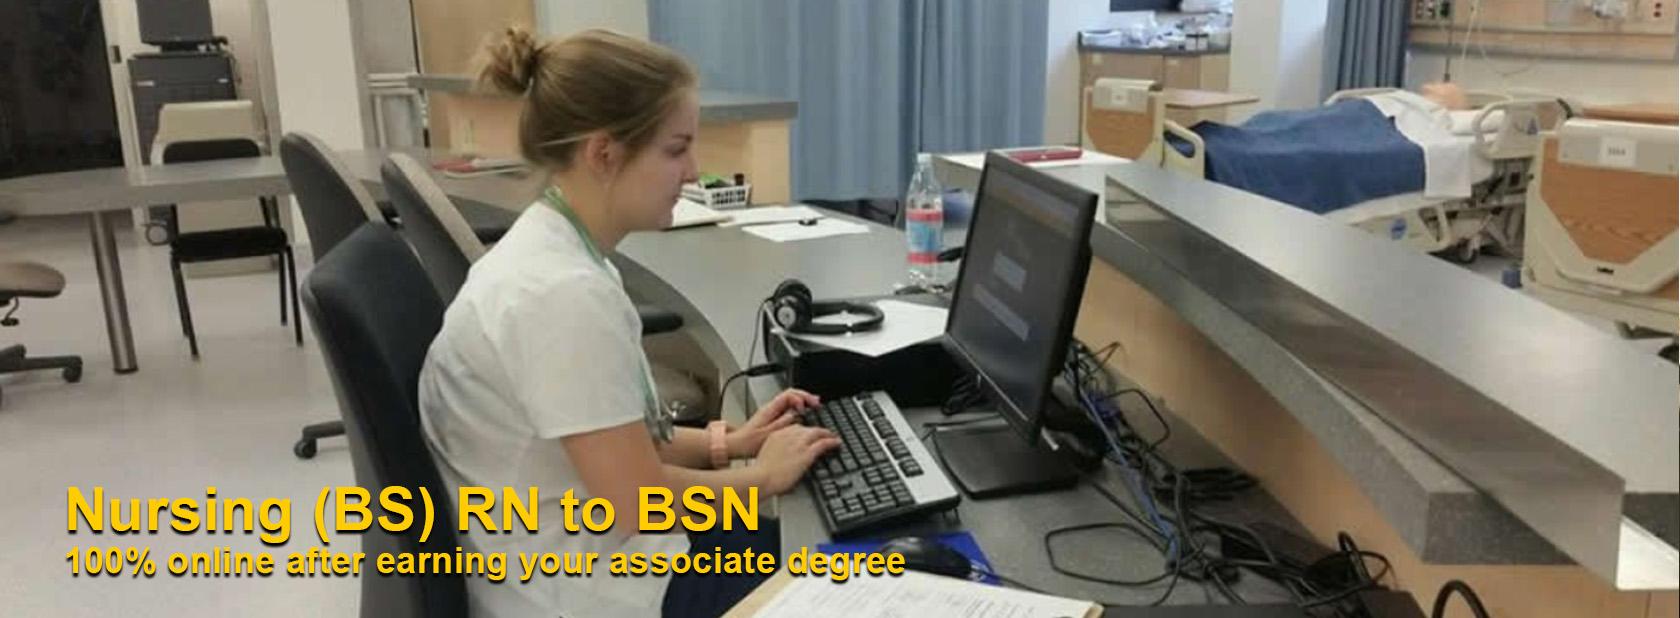 RN to BSN Online.jpg